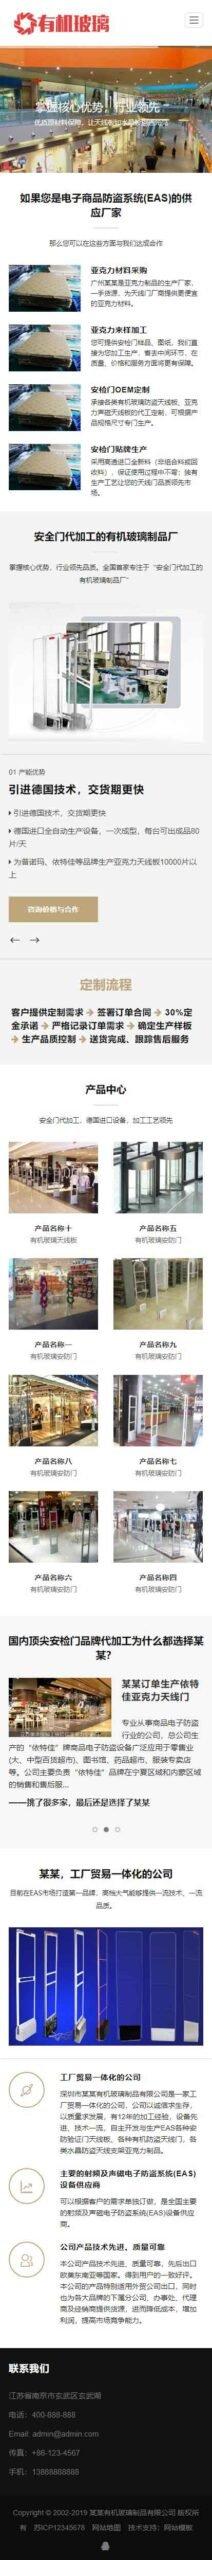 织梦企业模板有机玻璃制品企业dedecms自适应手机端模板源码